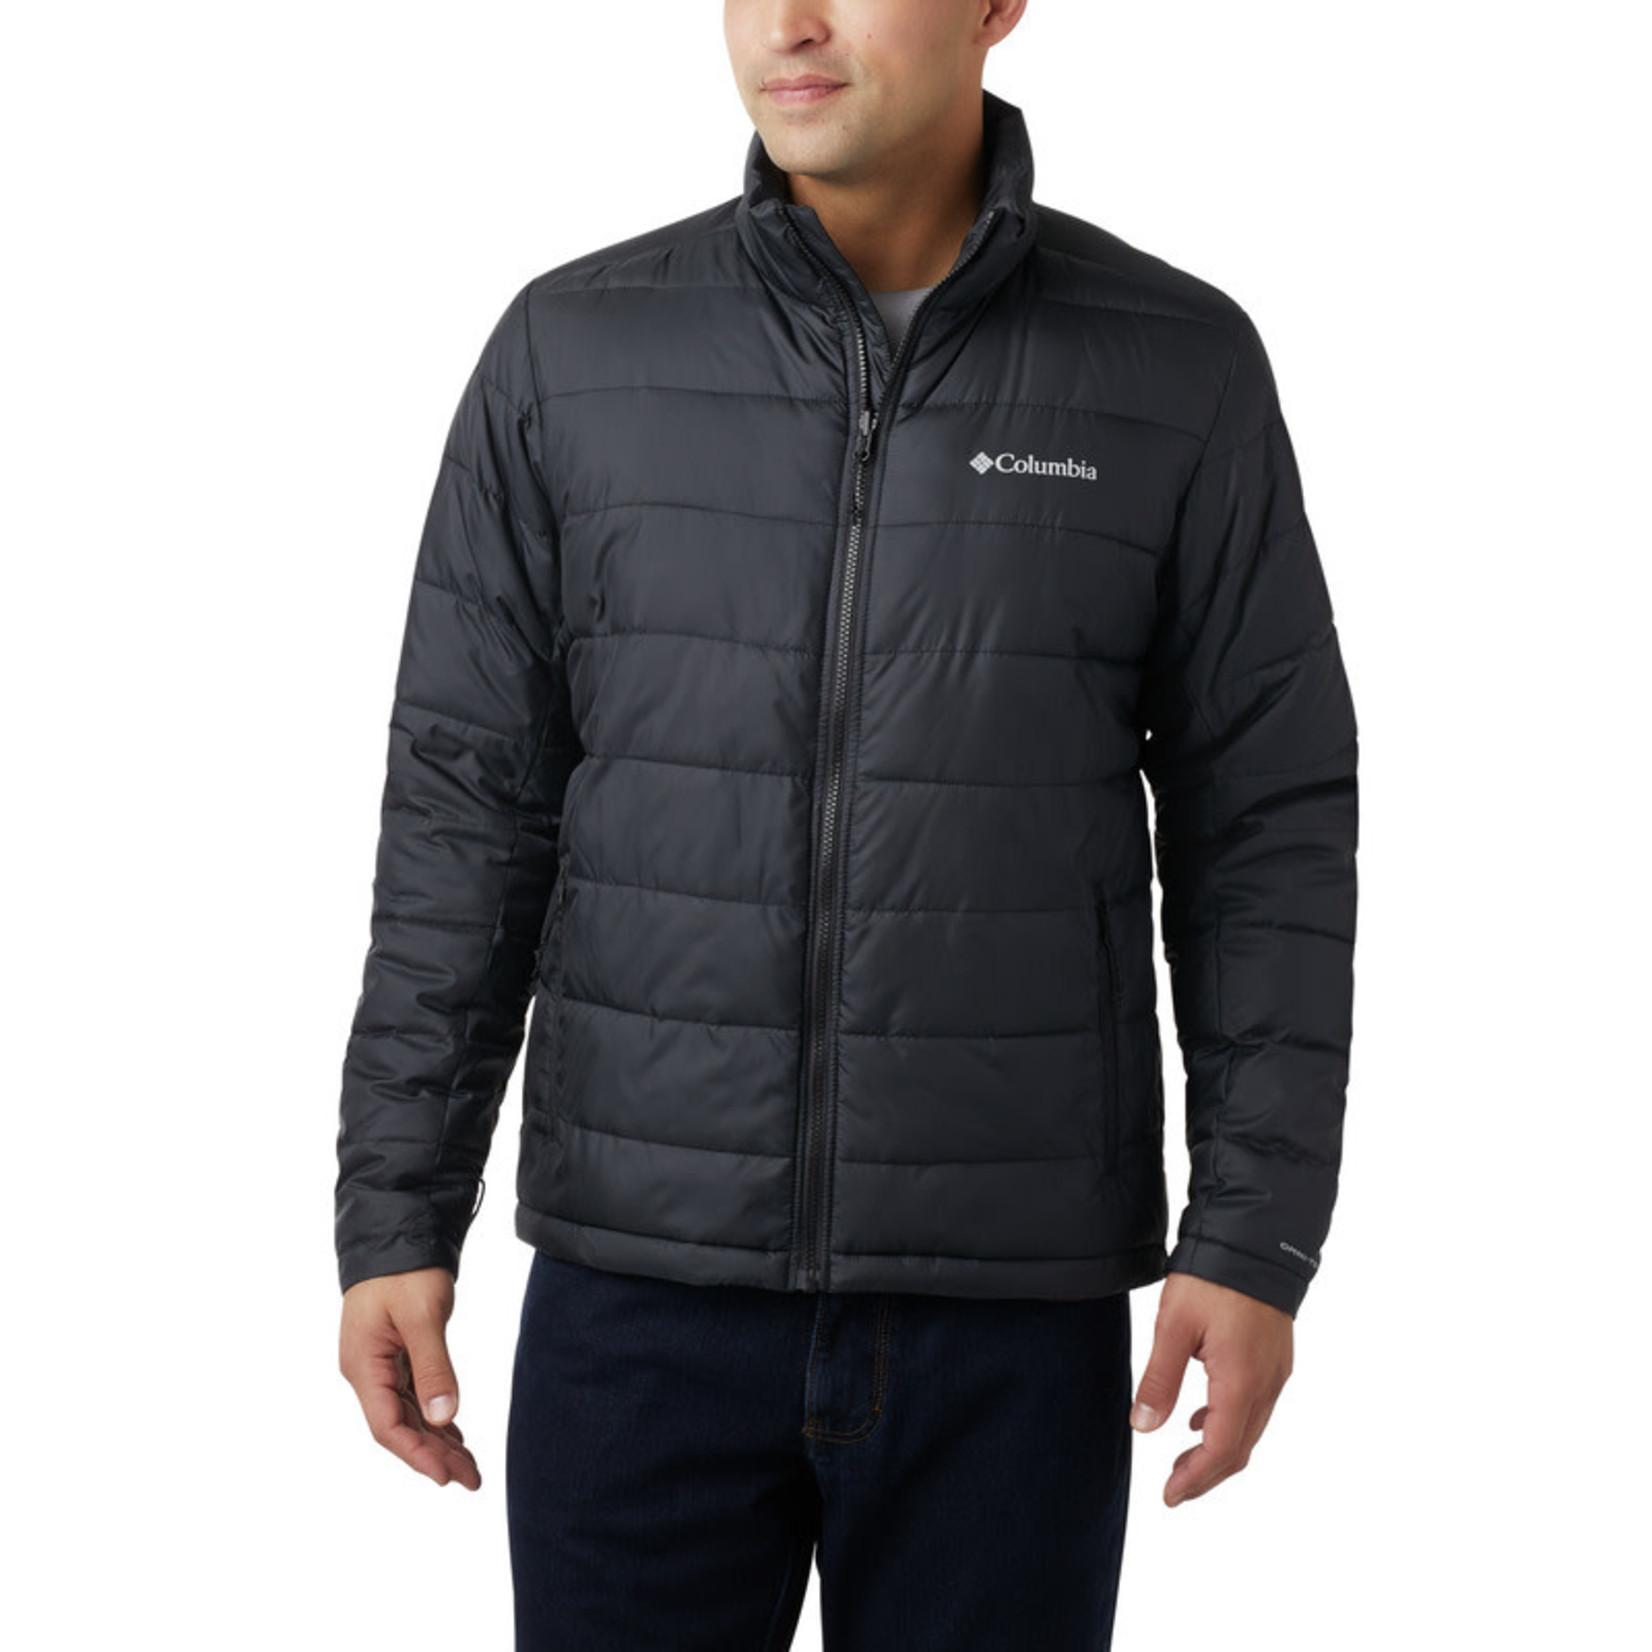 Columbia Columbia Winter Jacket, Lhotse III Interchange, Mens